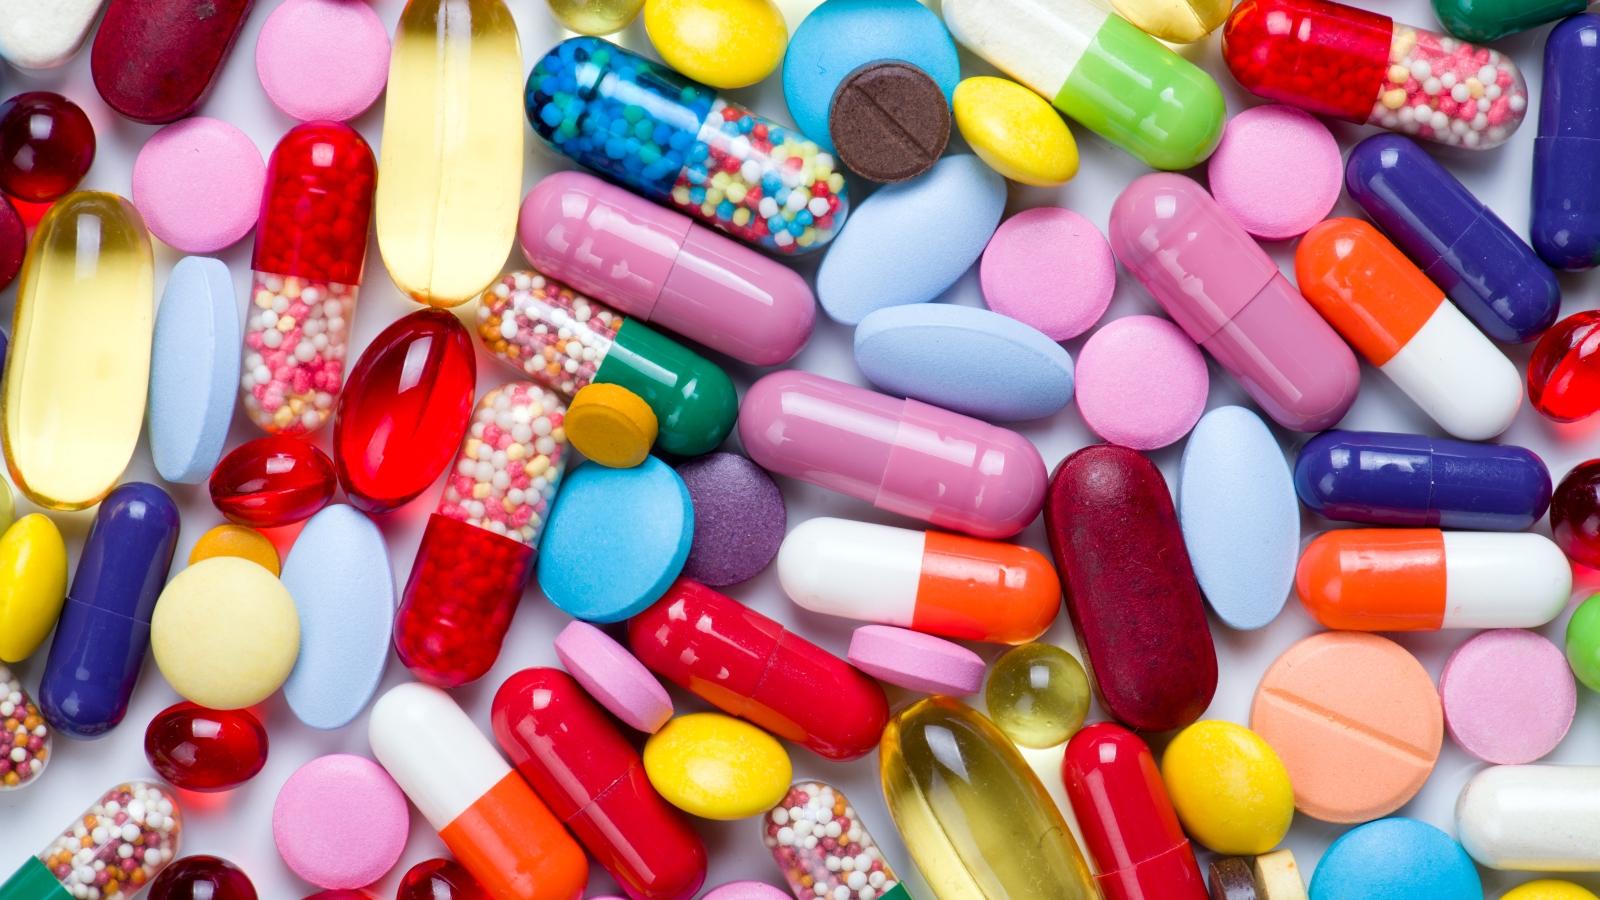 Pills.jpg (1600×900)